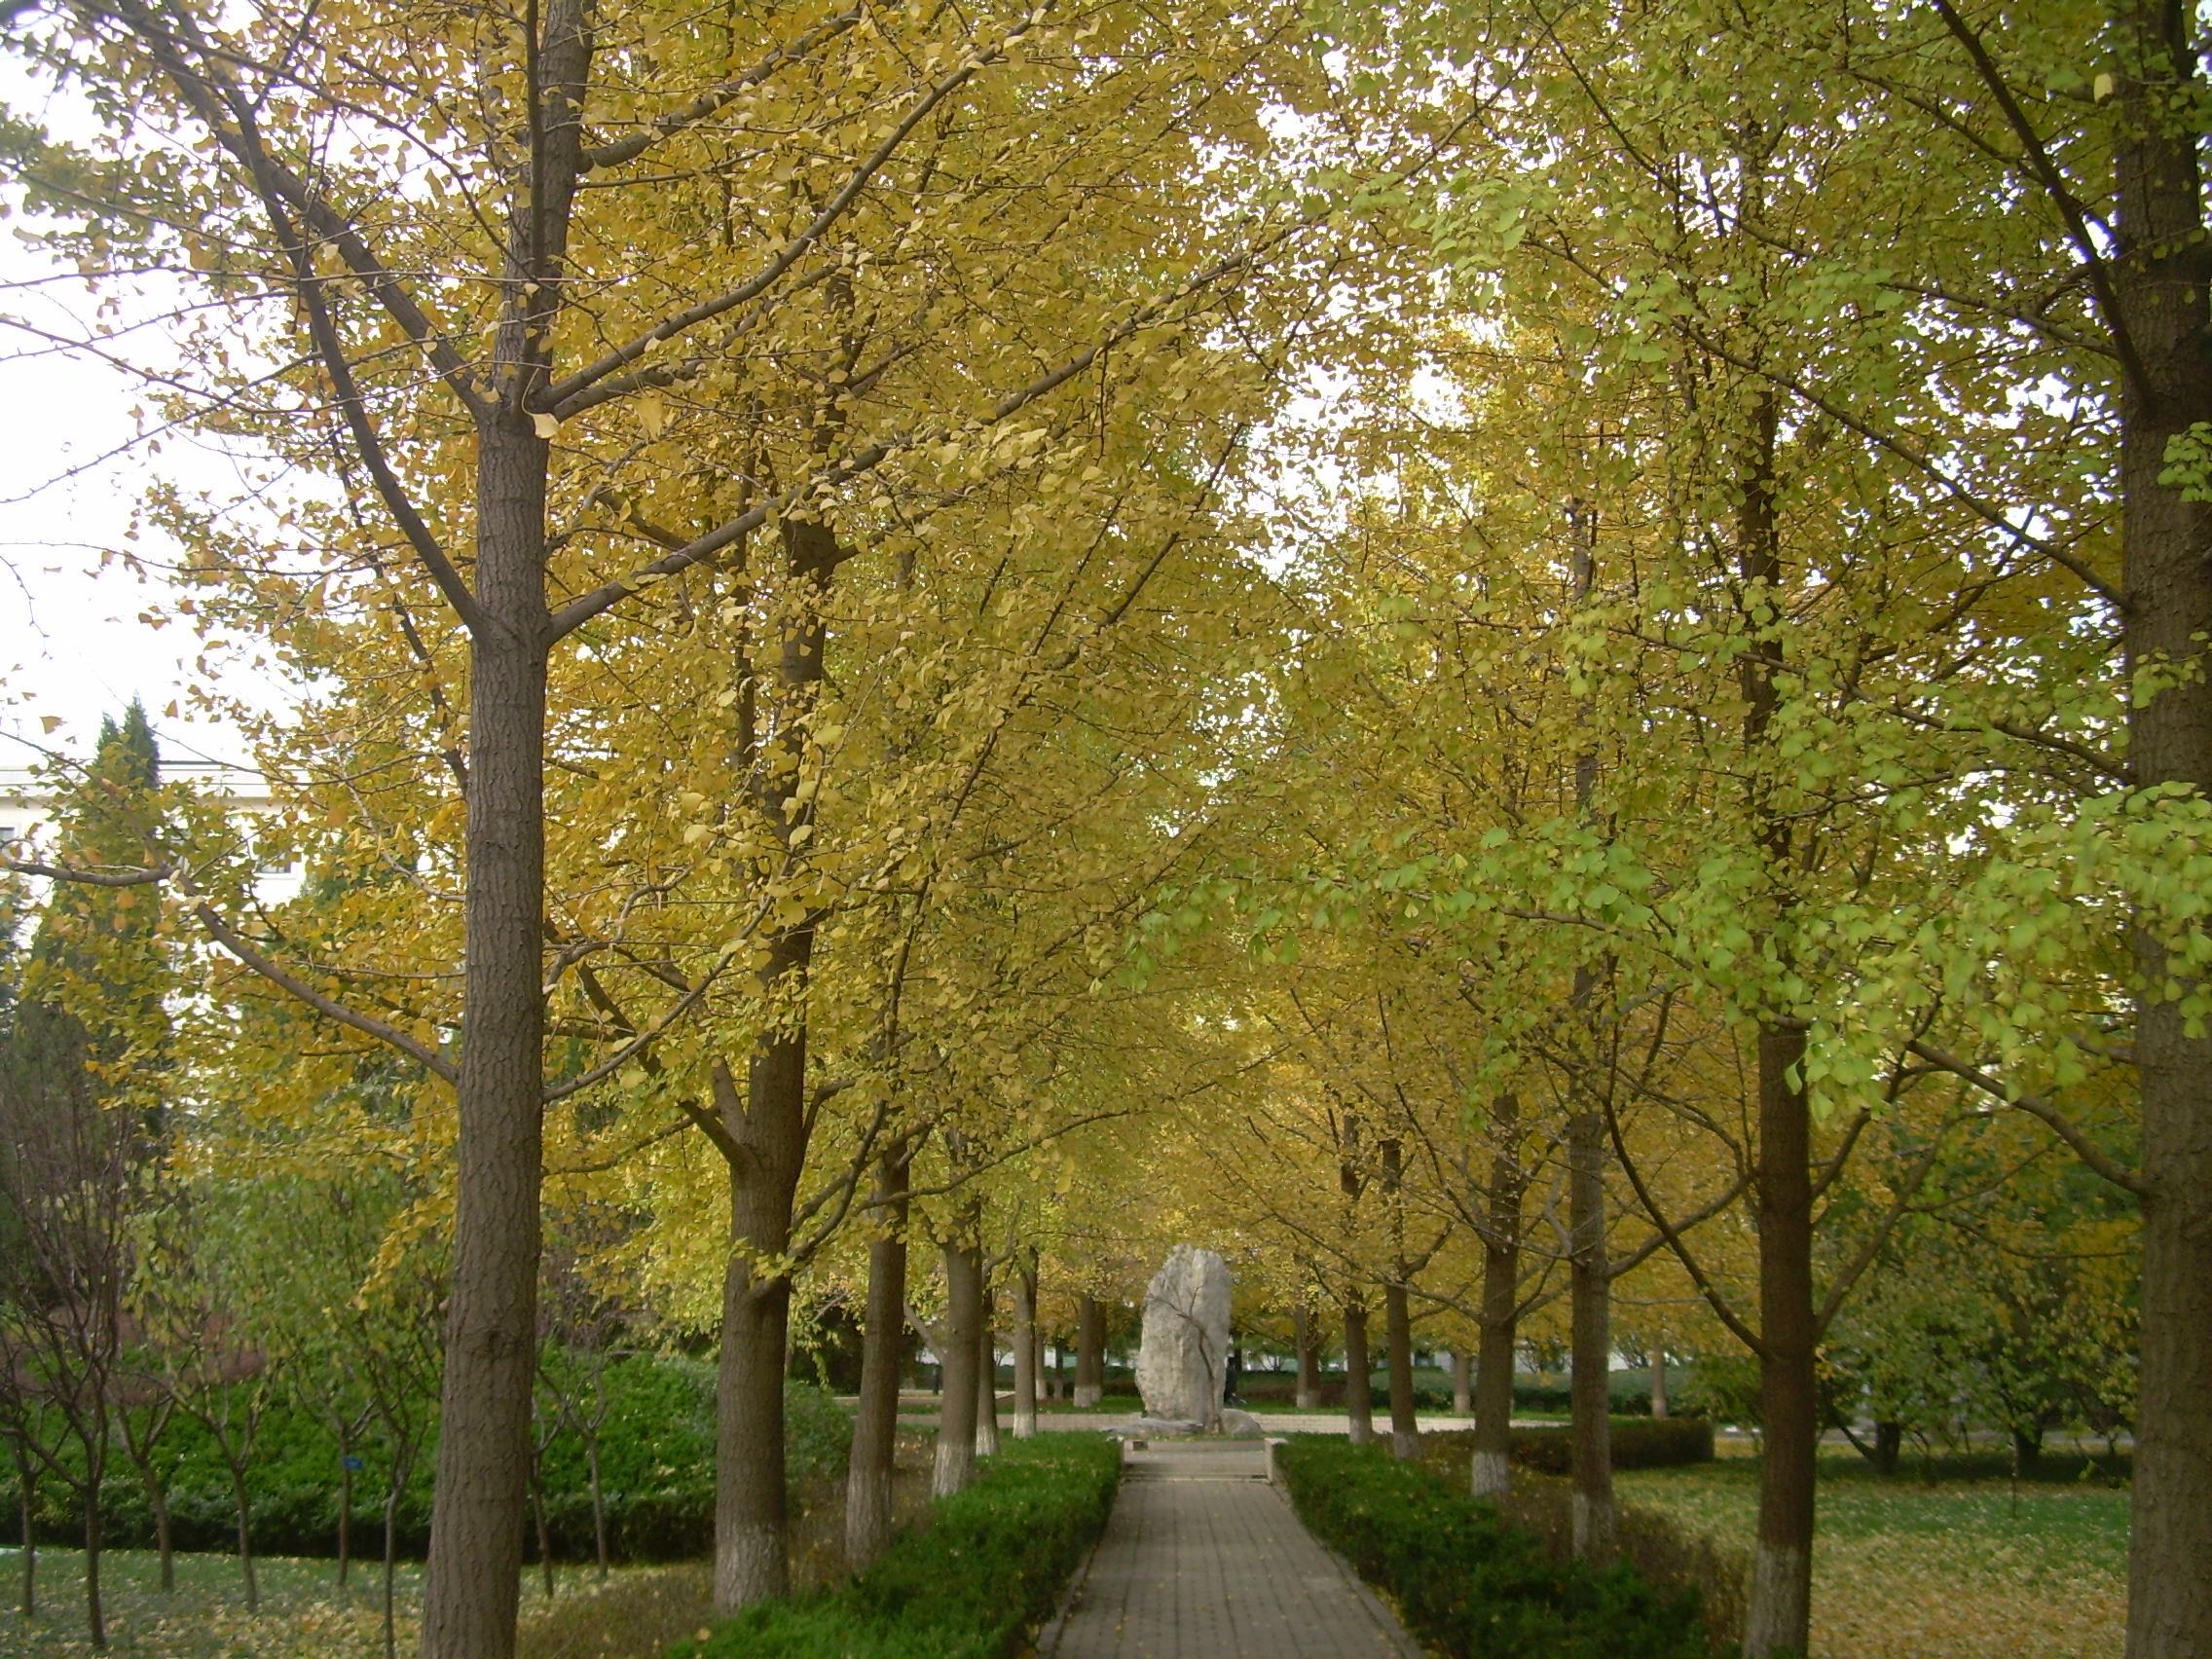 林��i����9�b9i#�f�:#m_小区的银杏林